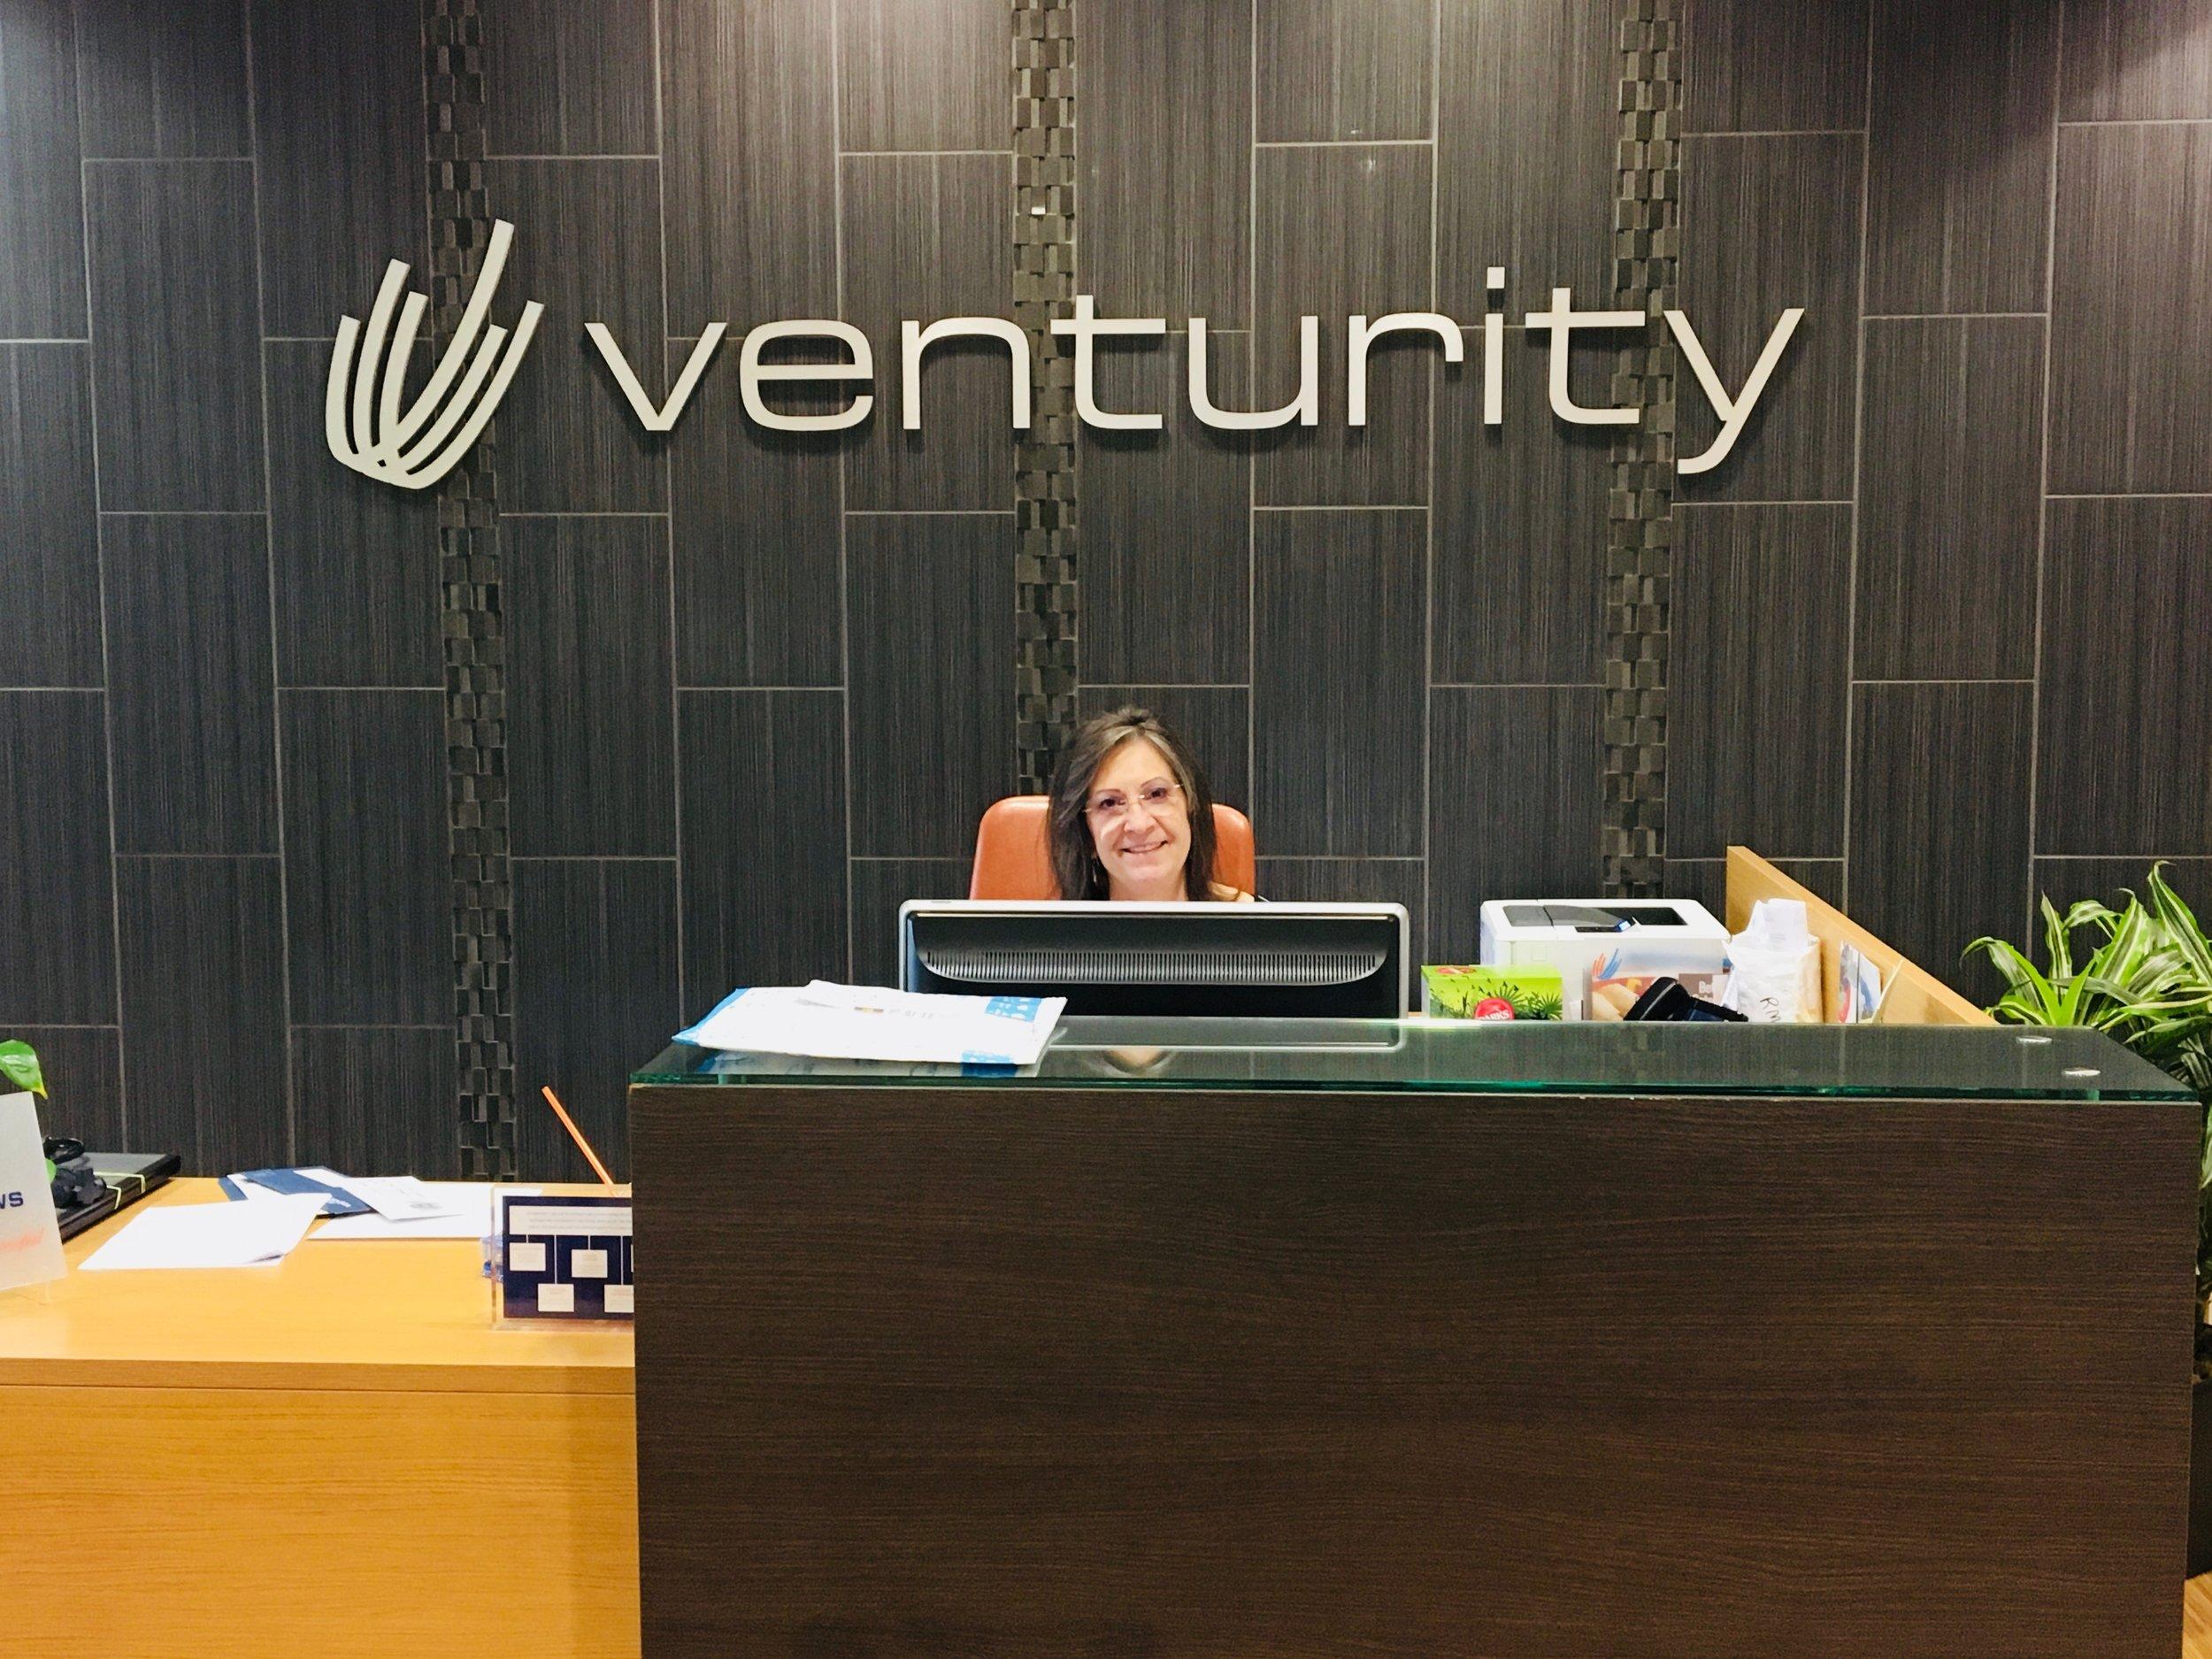 Venturity Welcome